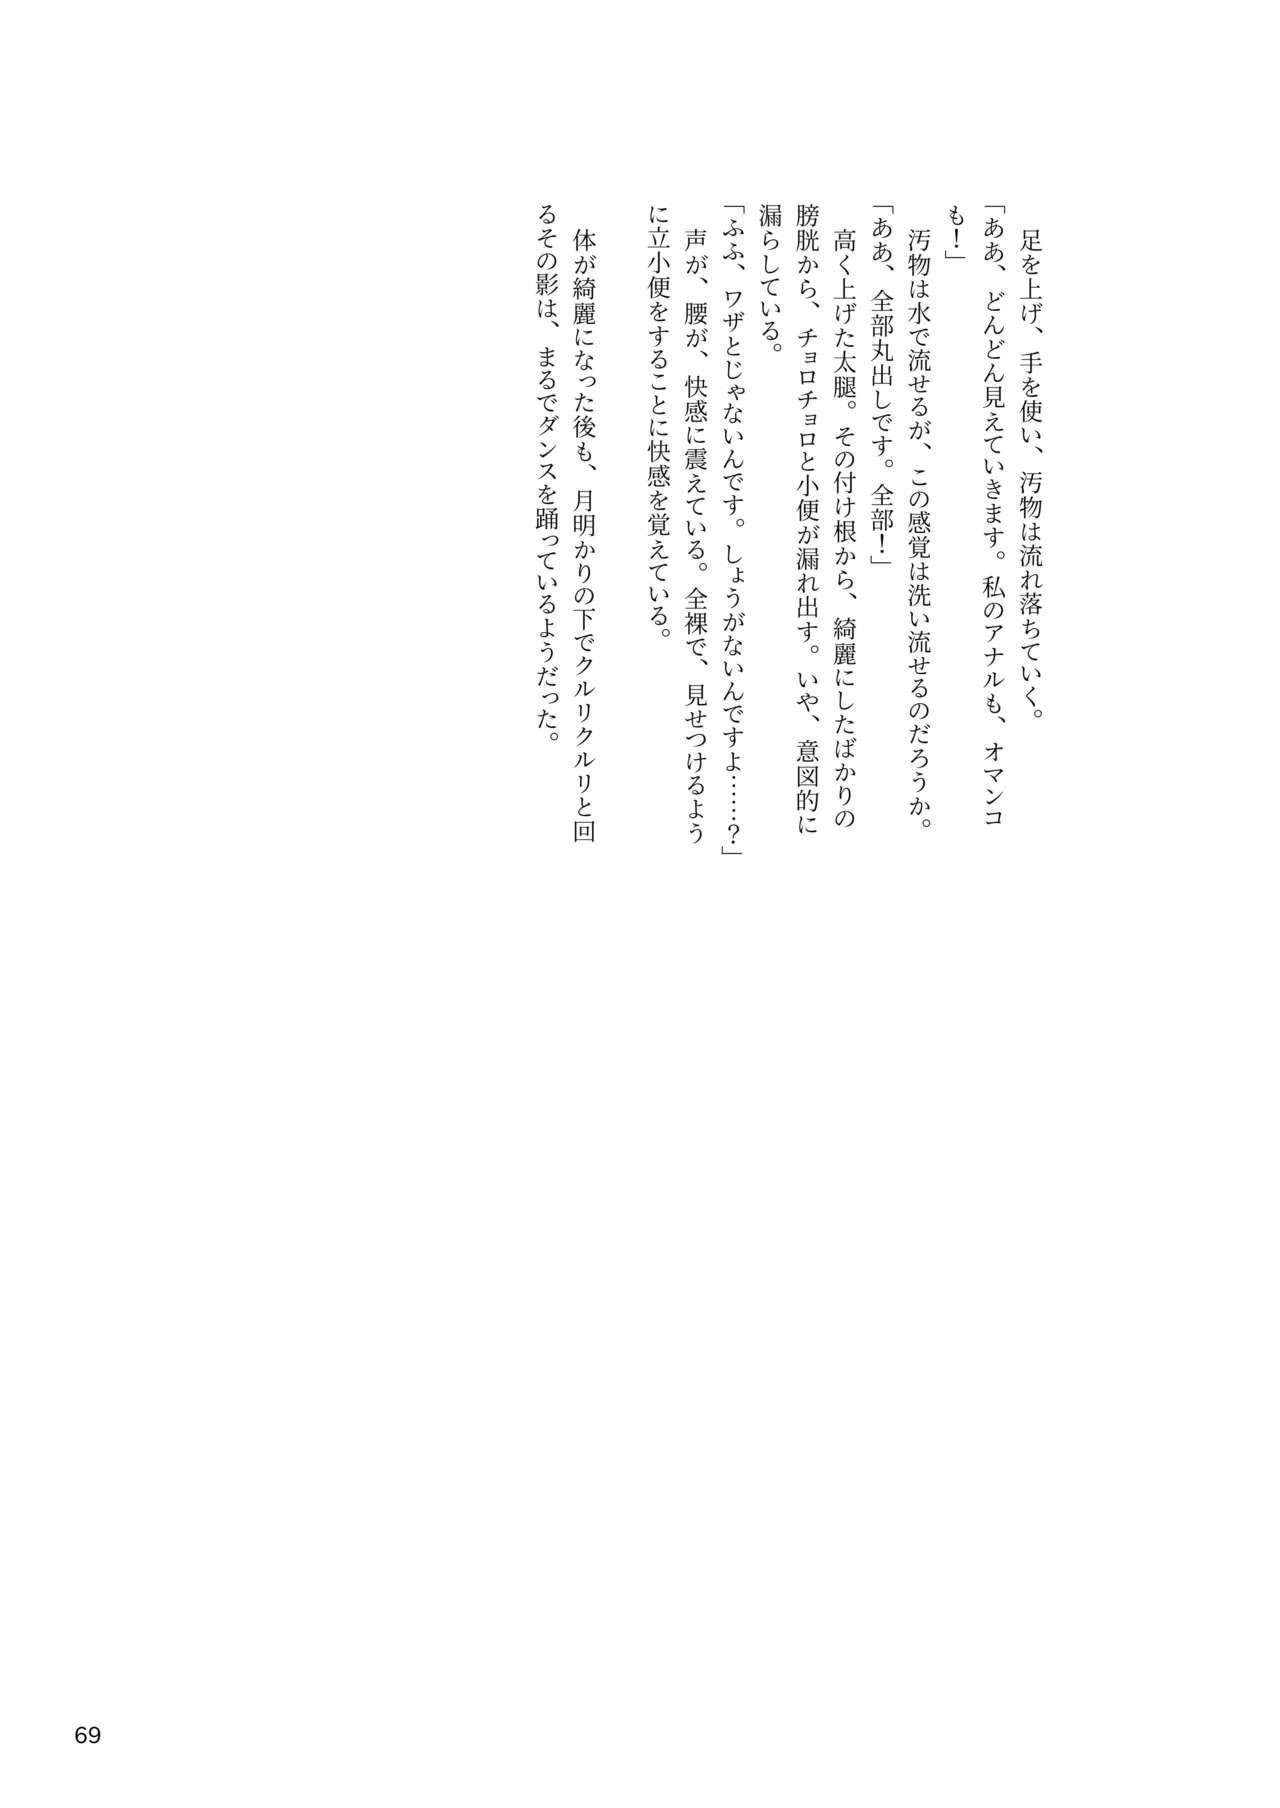 ア○スギア総合スカトロアンソロジー アクトレス排泄実態調査任務~スカポためるっすか!?~ 68